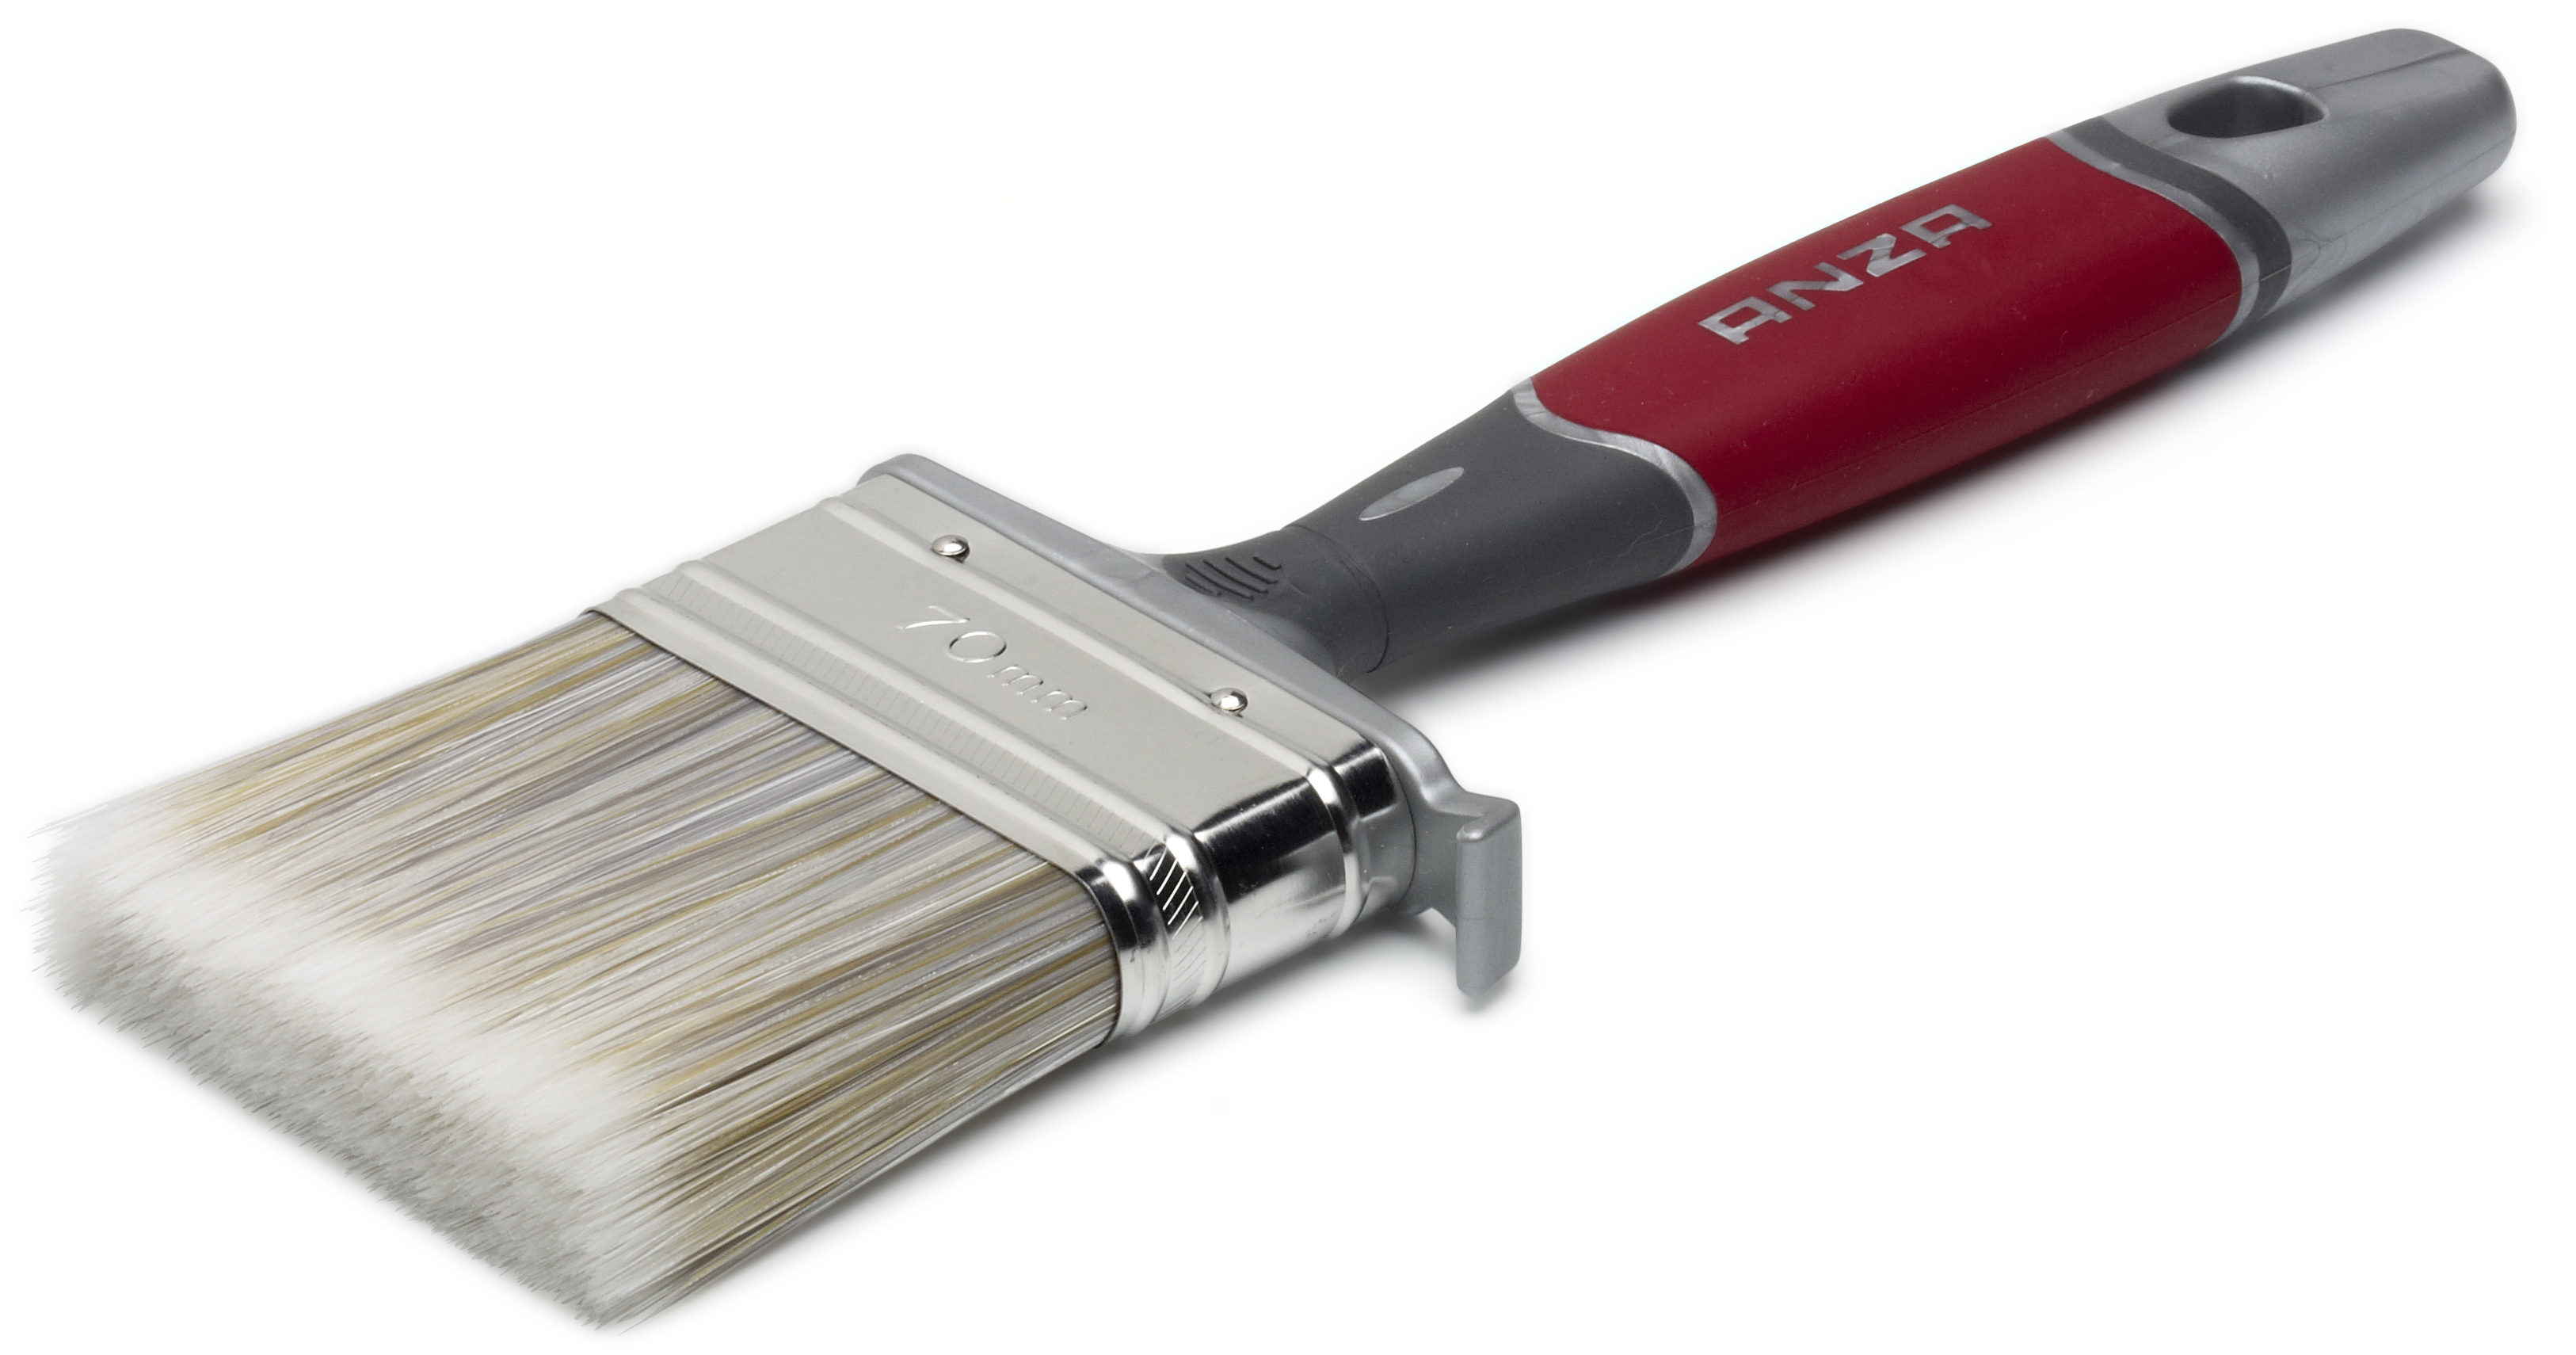 Кисть флейцевая Anza 150470 кисть плоская 70 мм искусственная щетина прорезиненная ручка anza профи